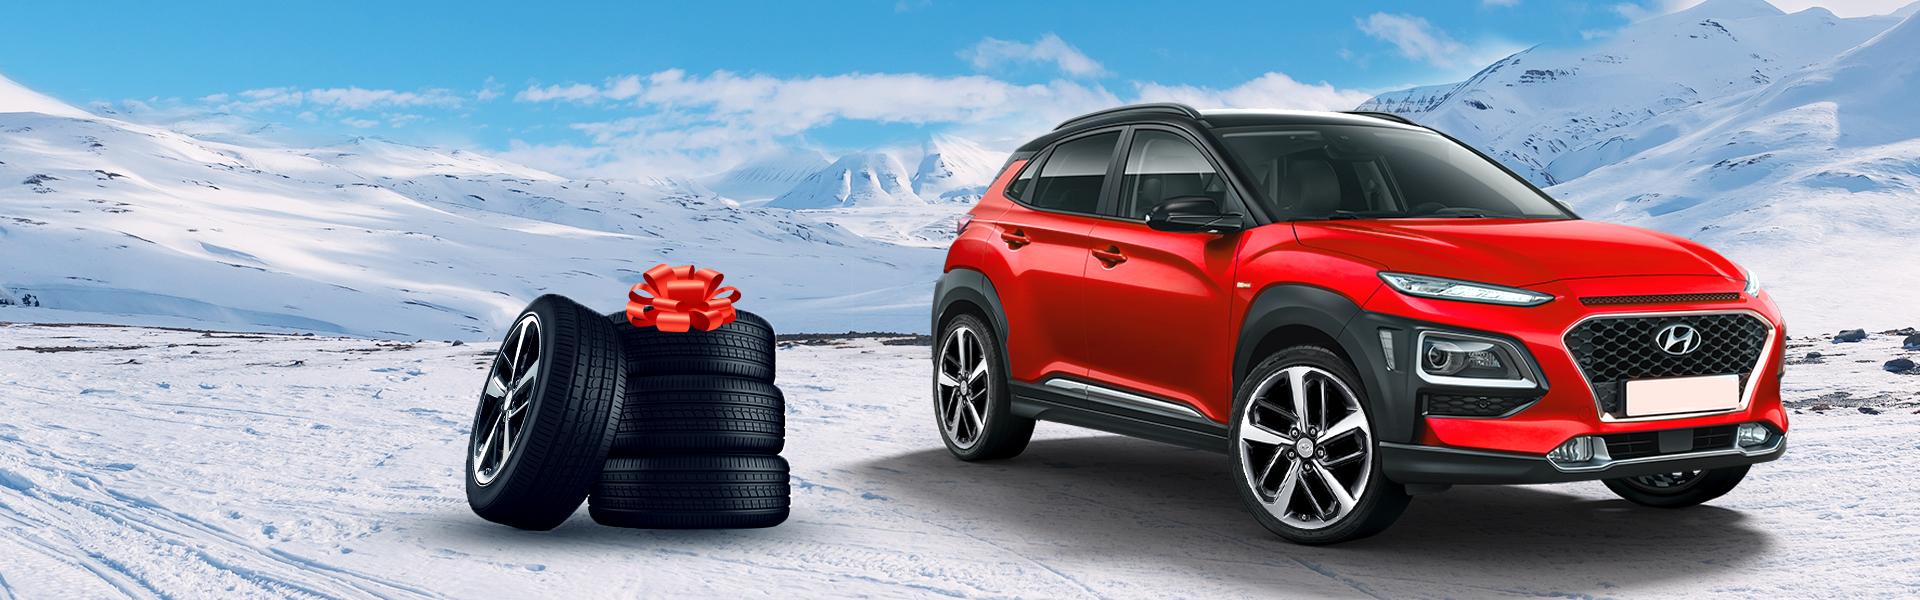 Зимові шини для твоєї машини